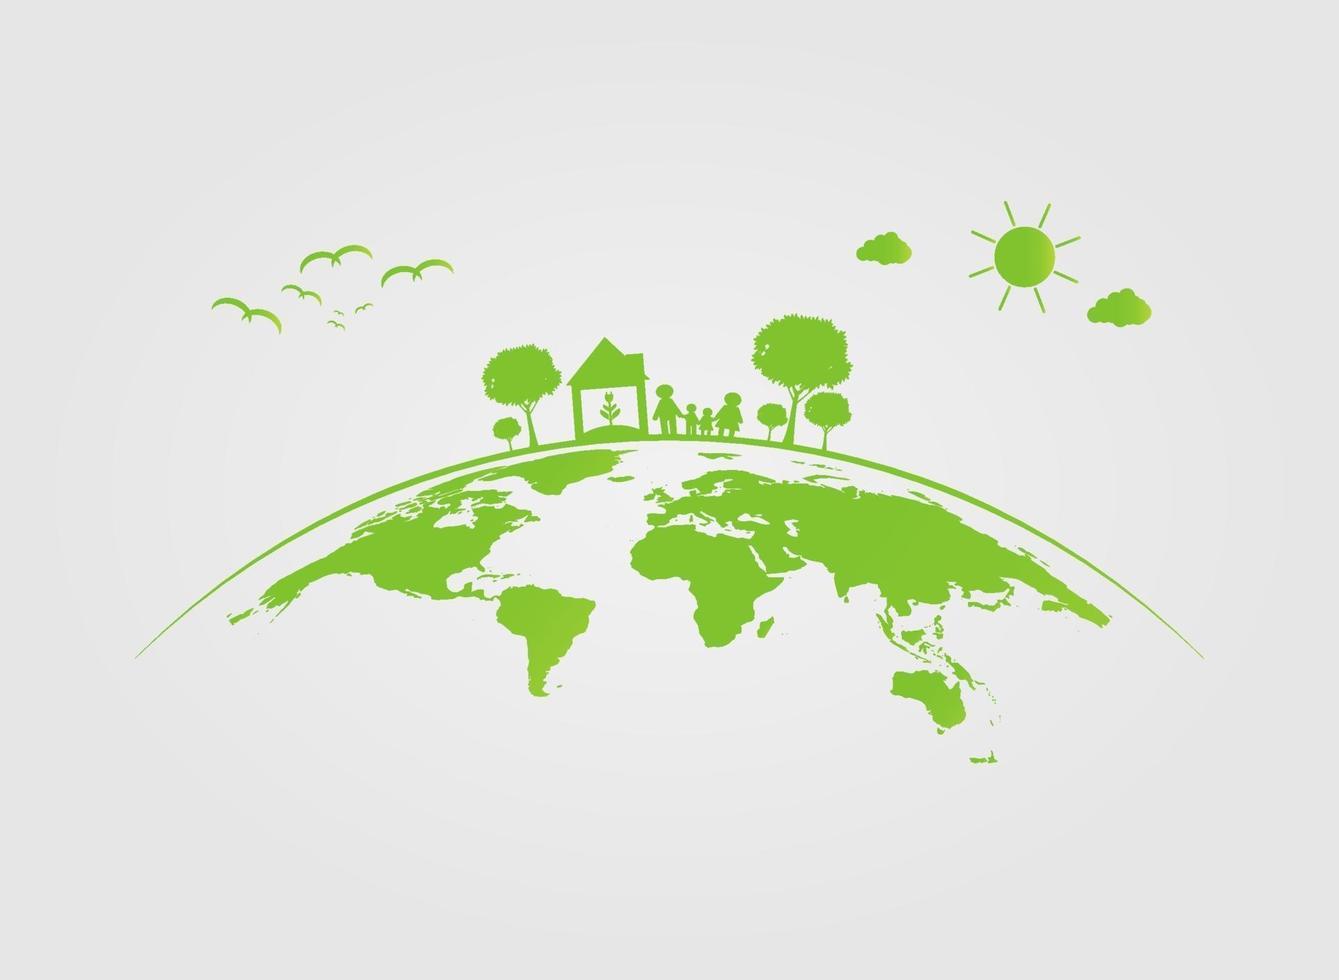 écologie, arbre sur terre, les villes aident le monde avec des idées de concept écologiques.Illustration vectorielle vecteur